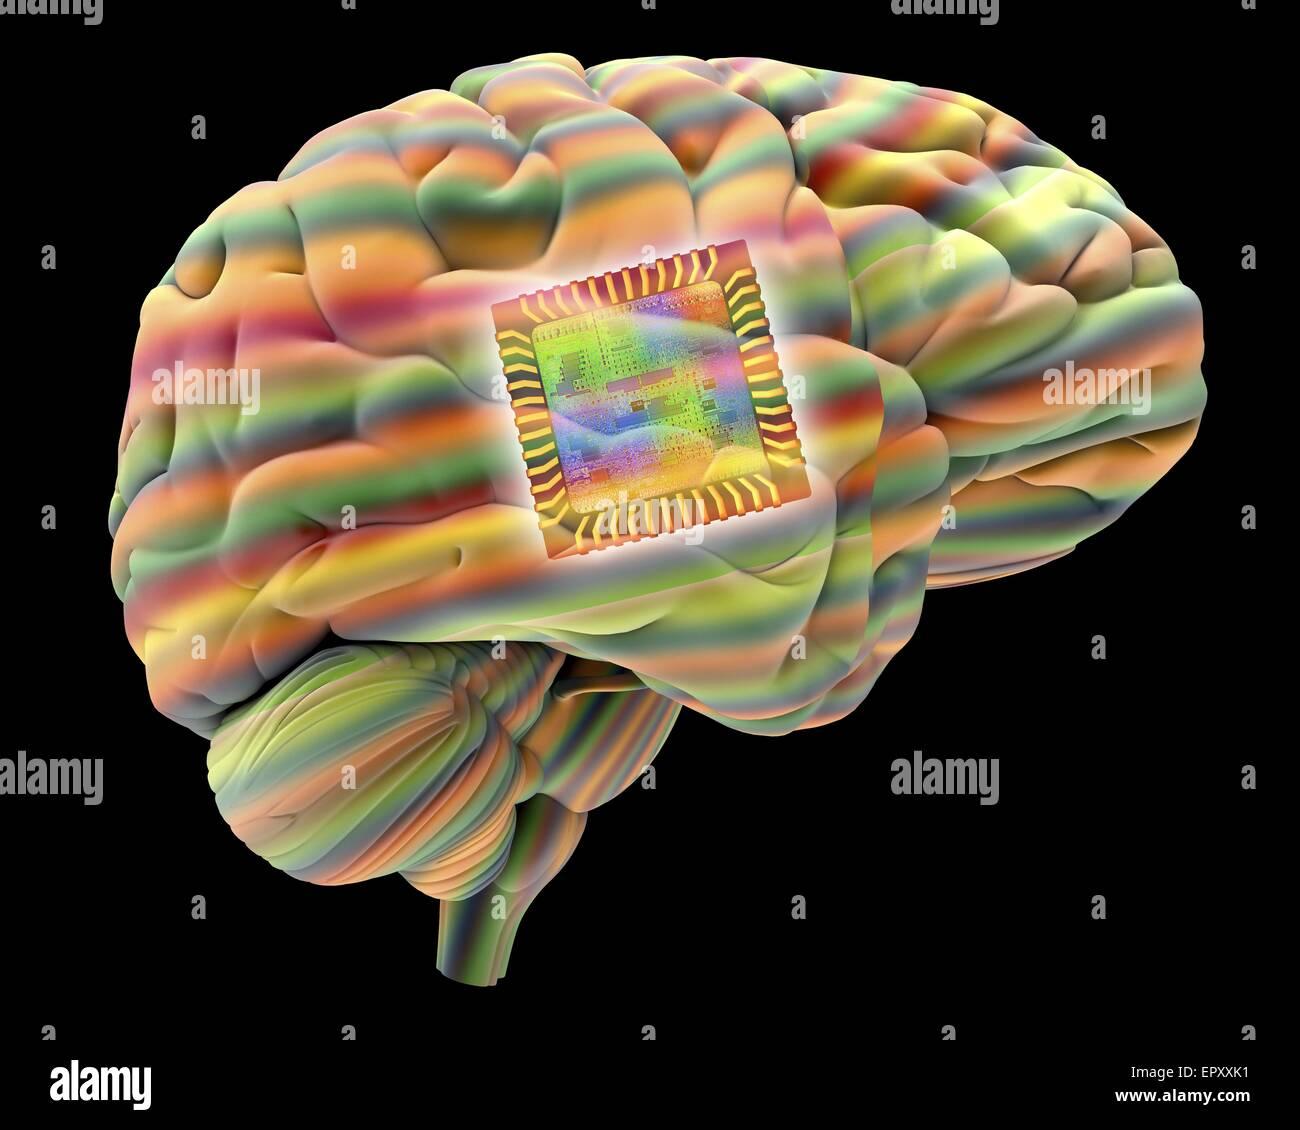 Künstliche Intelligenz und Kybernetik, Konzeptbild. Dieses Bild von einem Computerchip, überlagert ein Stockbild